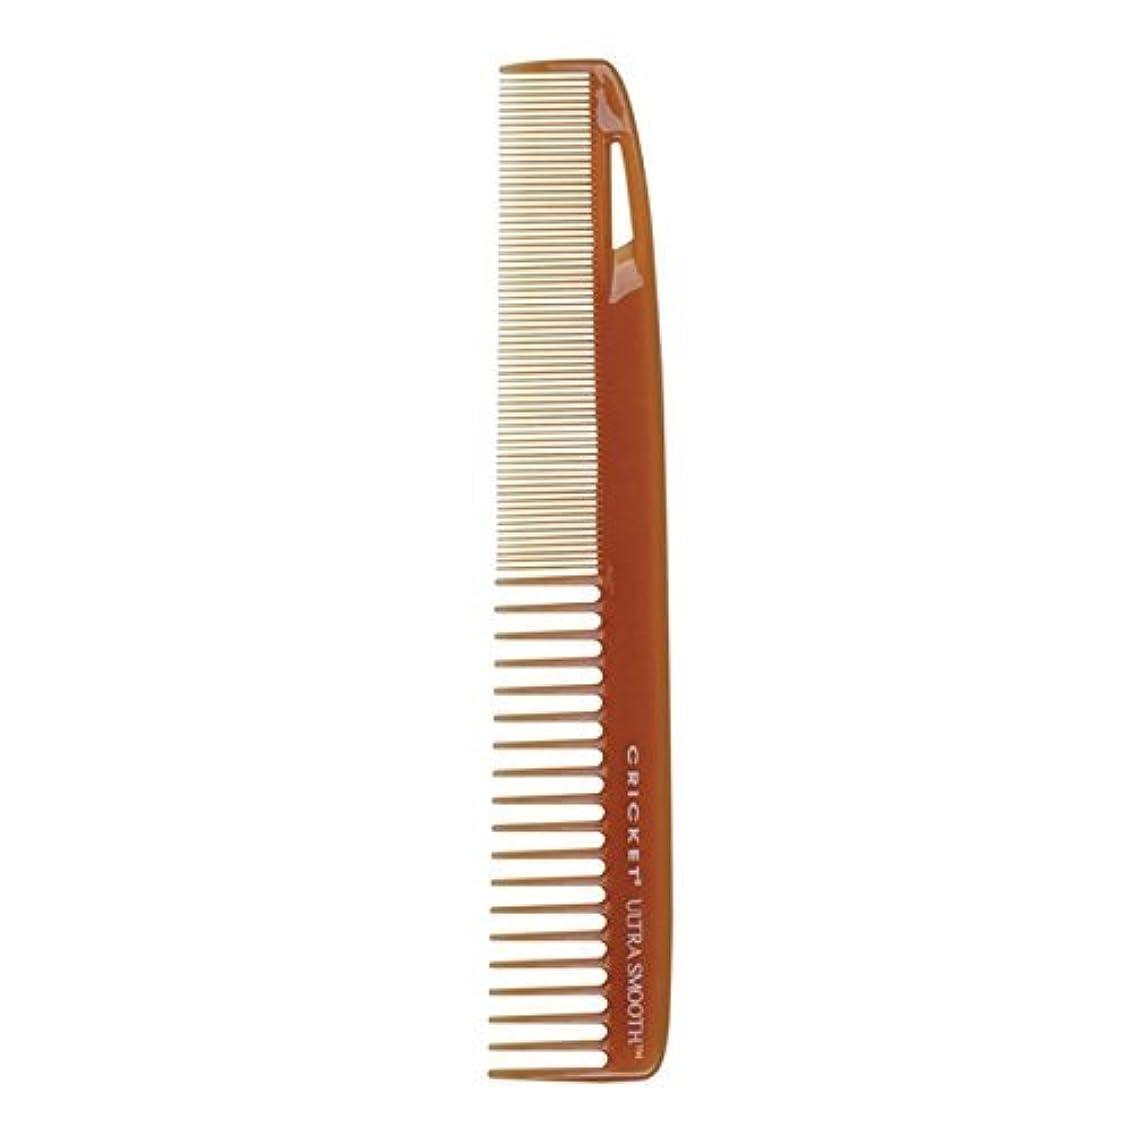 不適切な反逆公然とCricket Ultra Smooth All Purpose Comb 20 [並行輸入品]